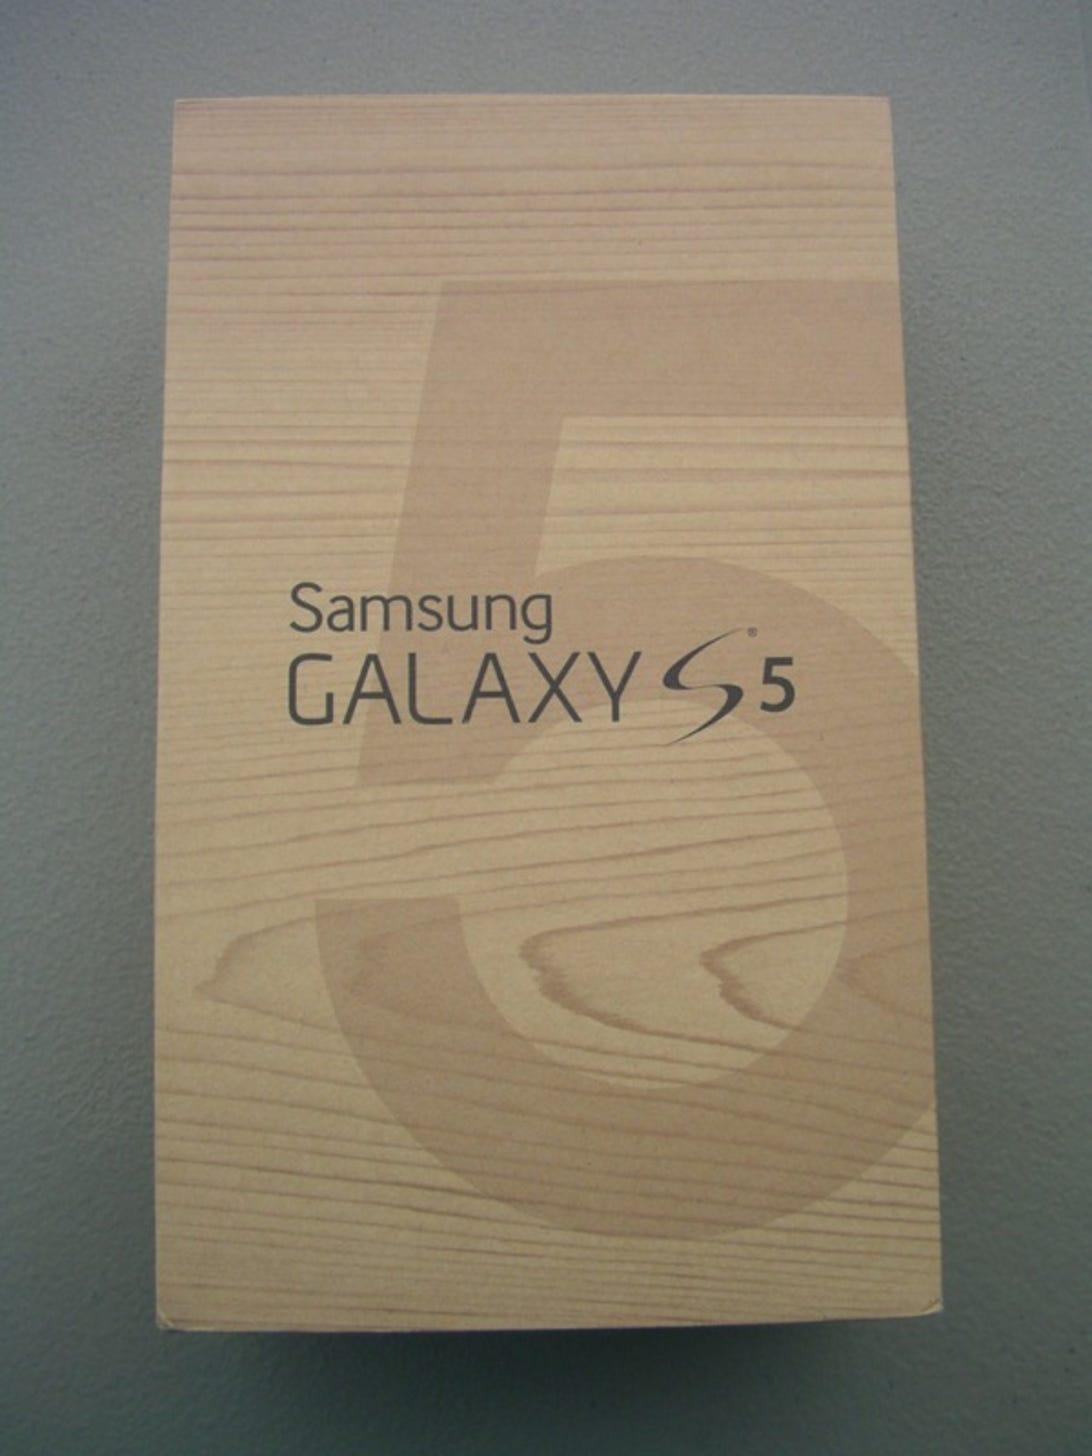 s5galaxy01.jpg